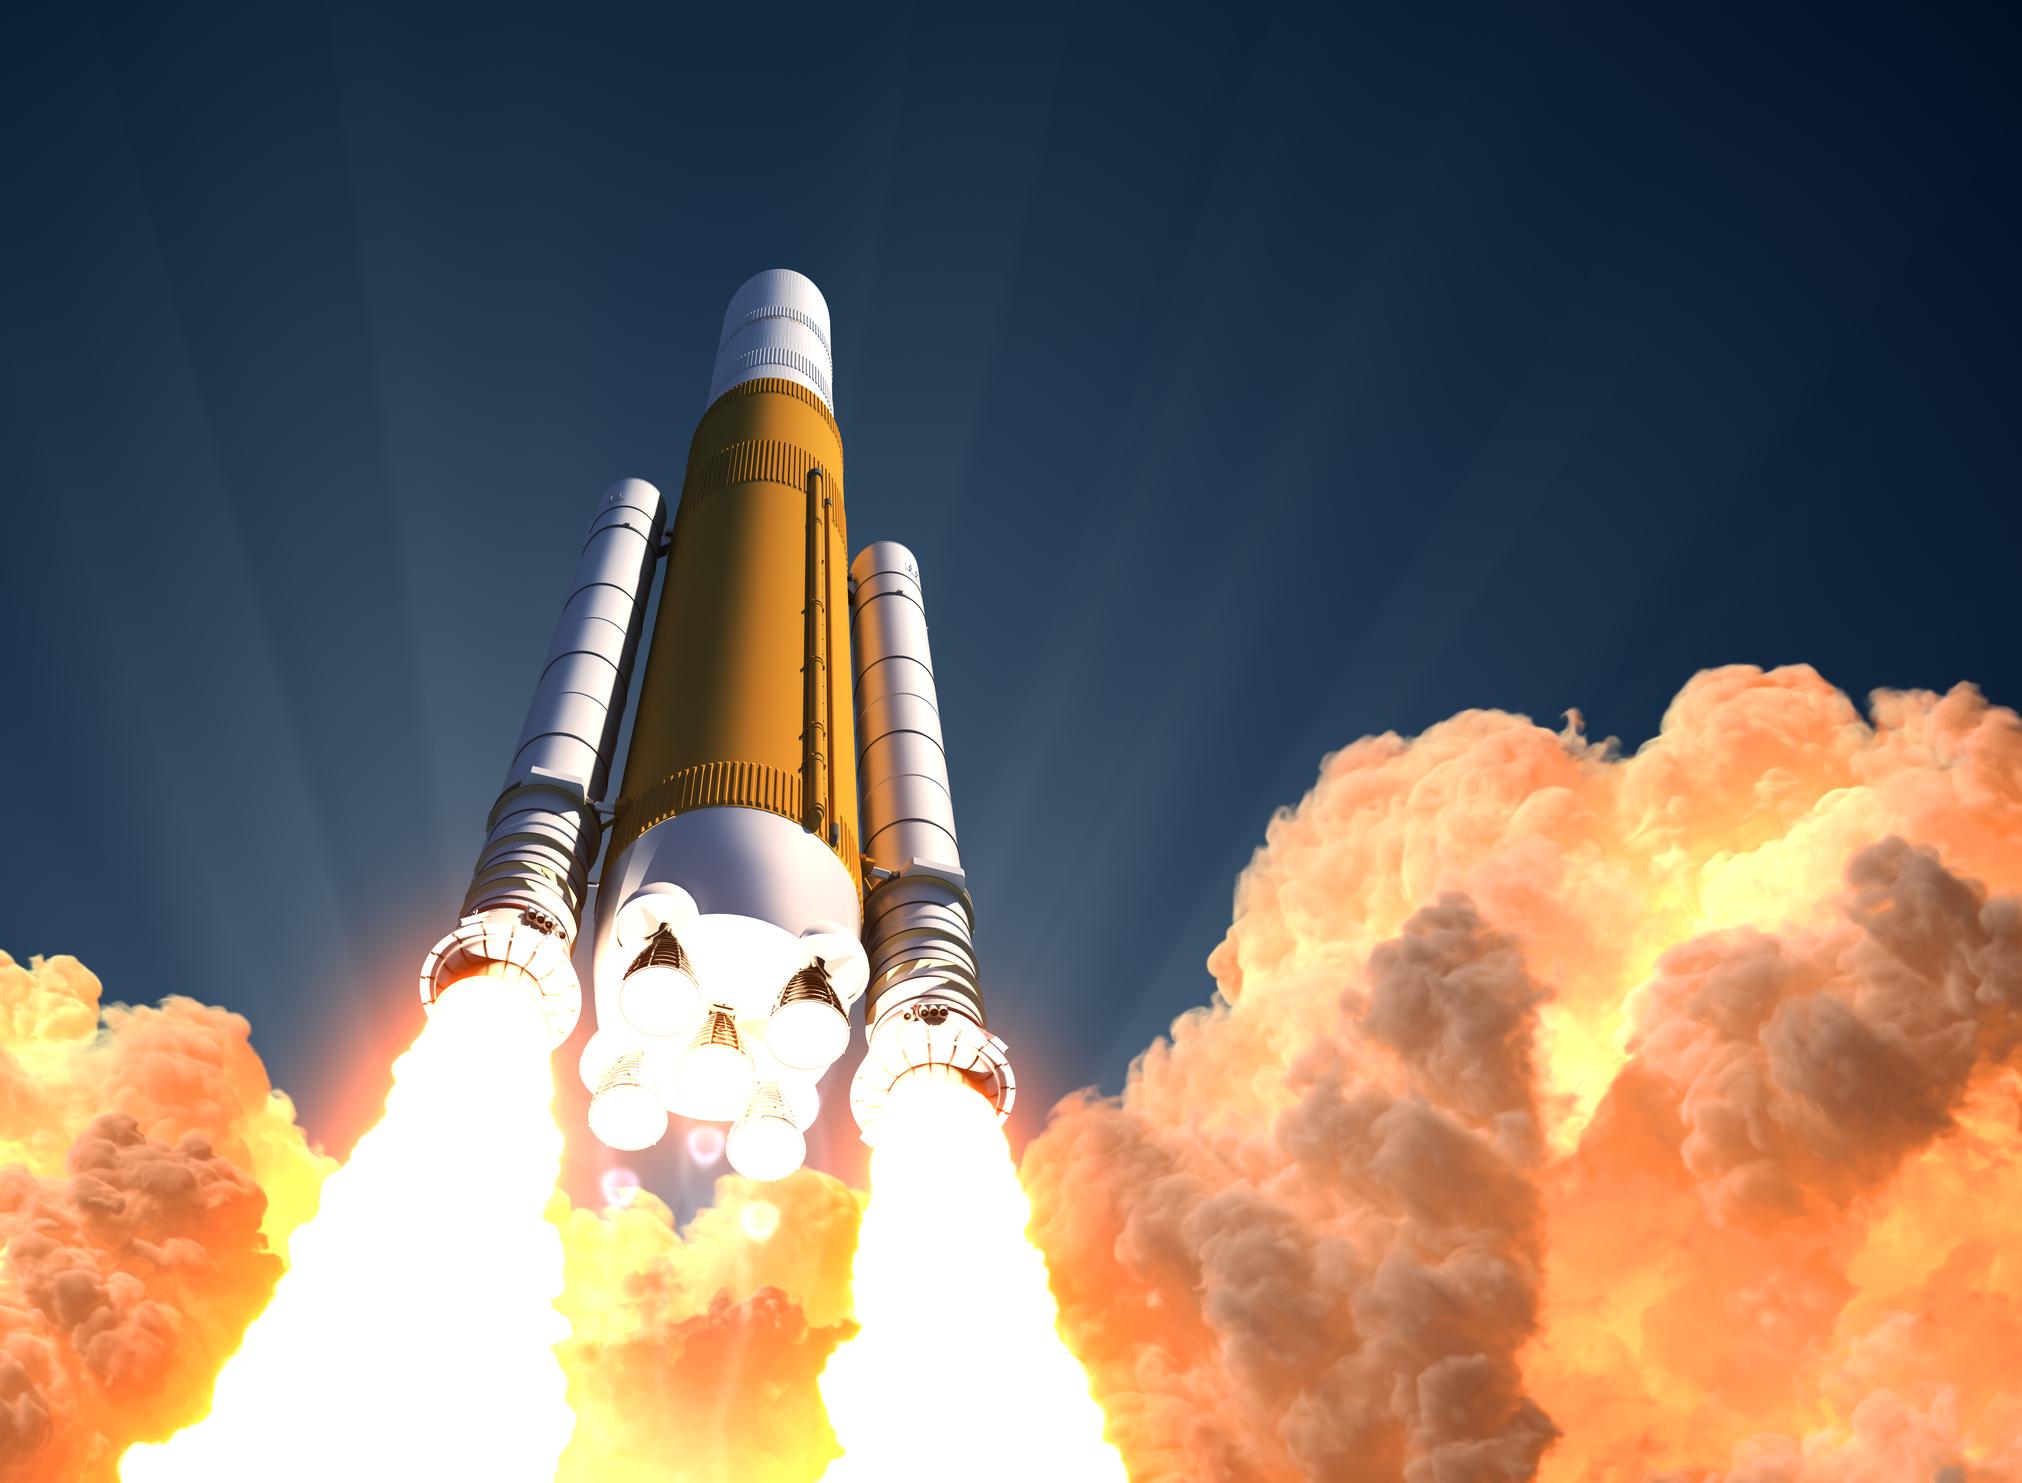 A rocket taking flight.